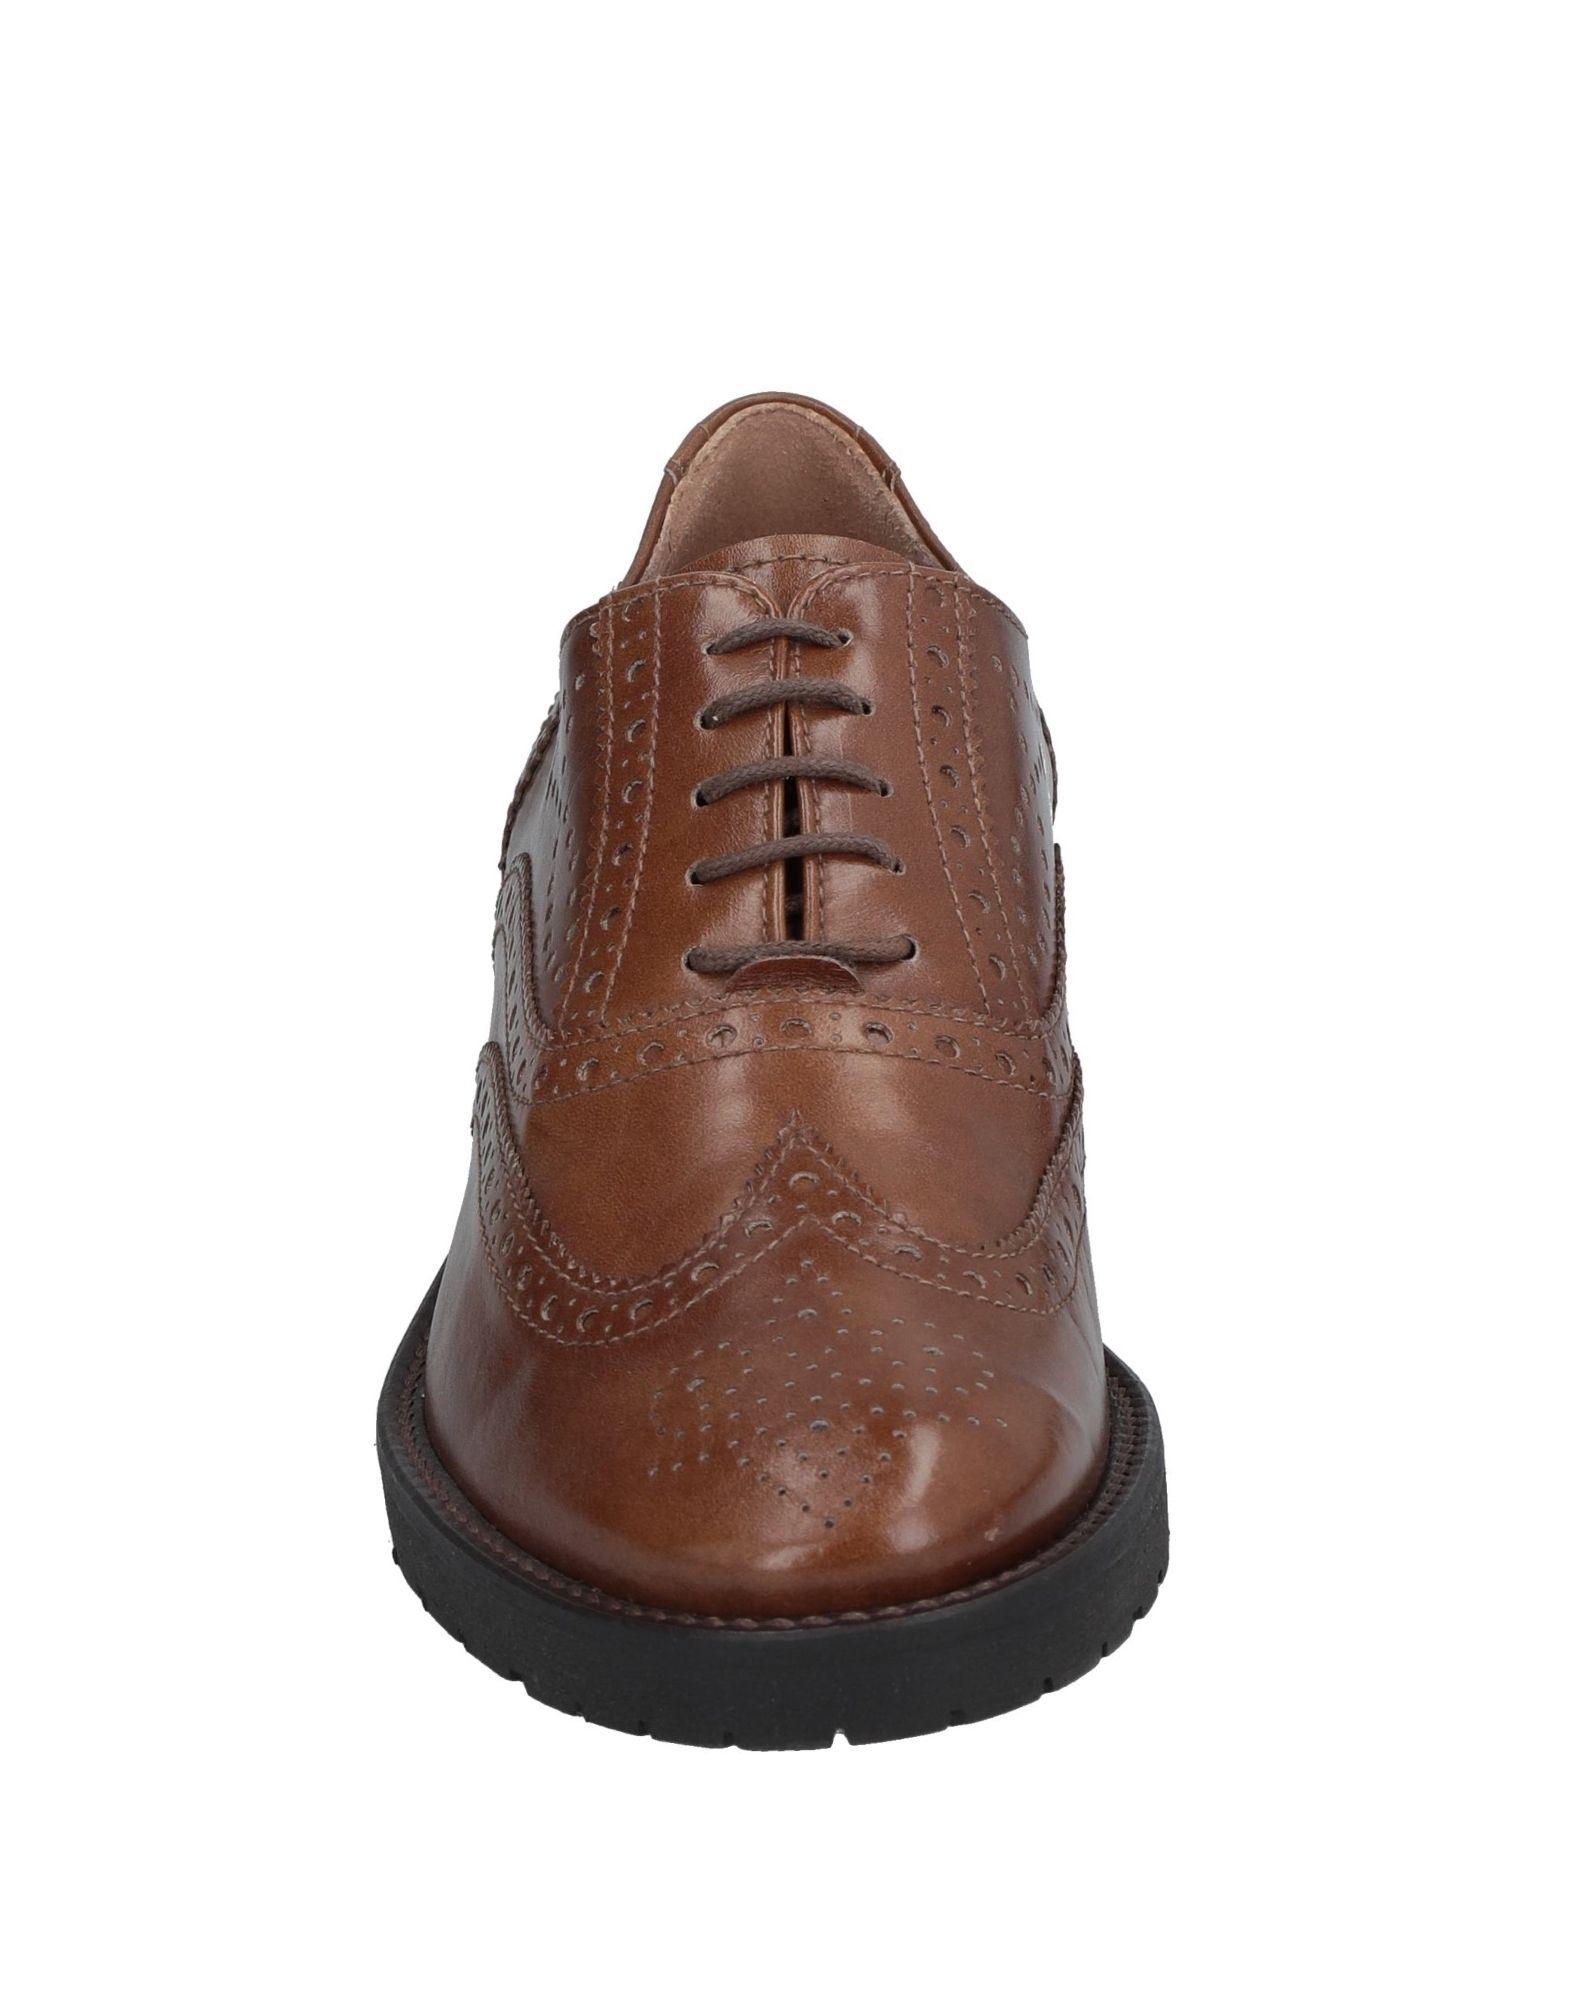 Nero Giardini Schnürschuhe Damen  11529429VW Gute Qualität beliebte Schuhe